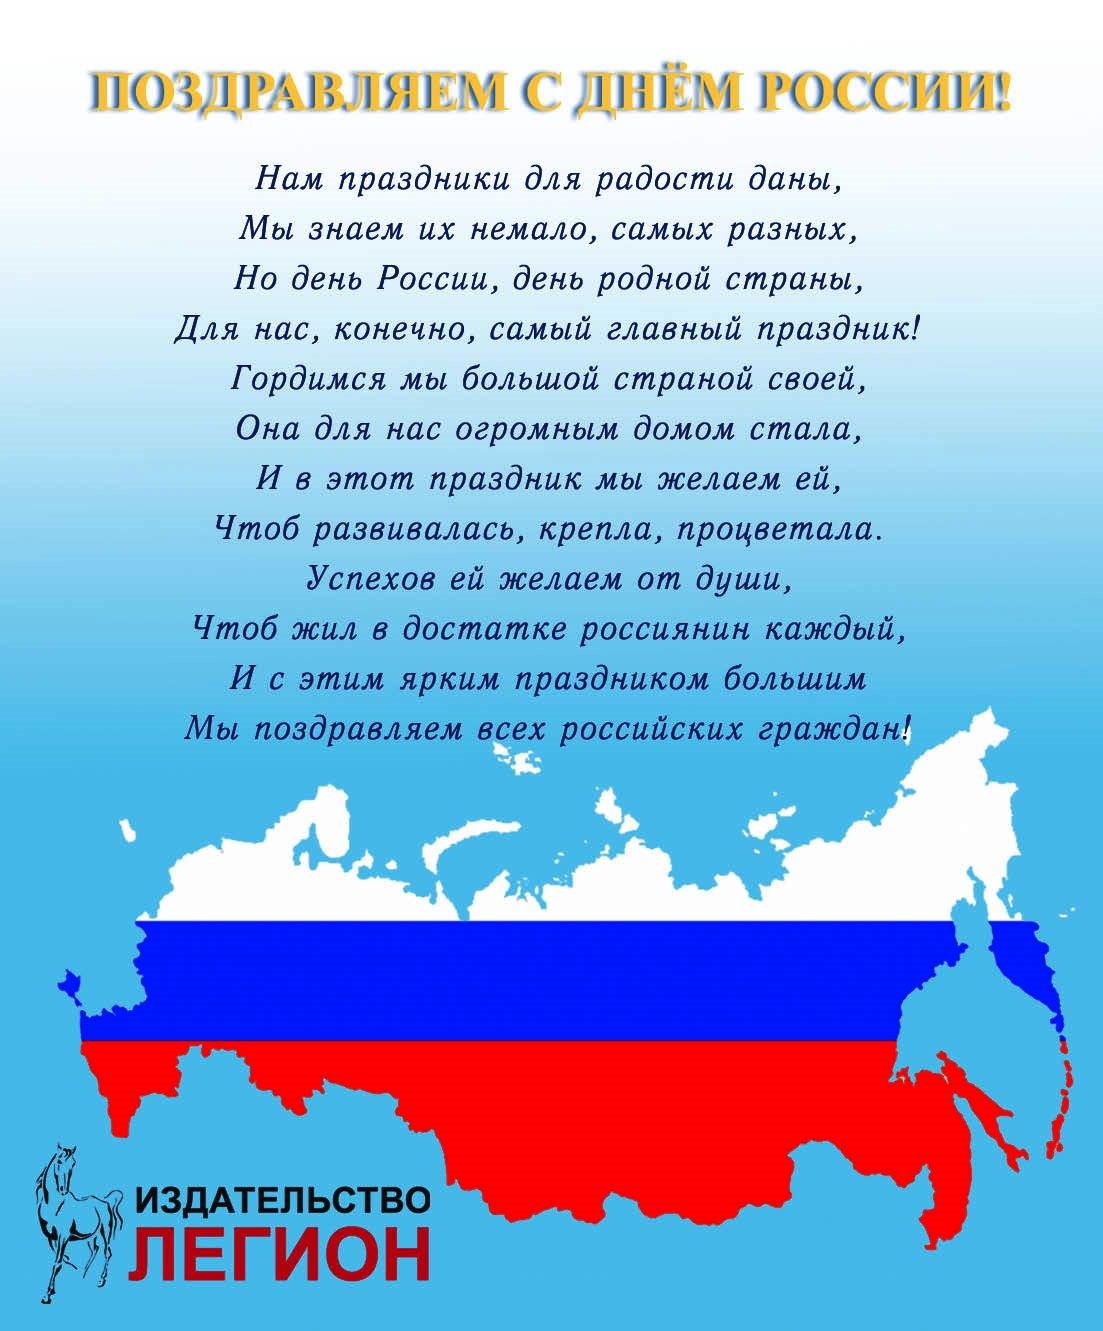 День России 2018 - Поздравок 37